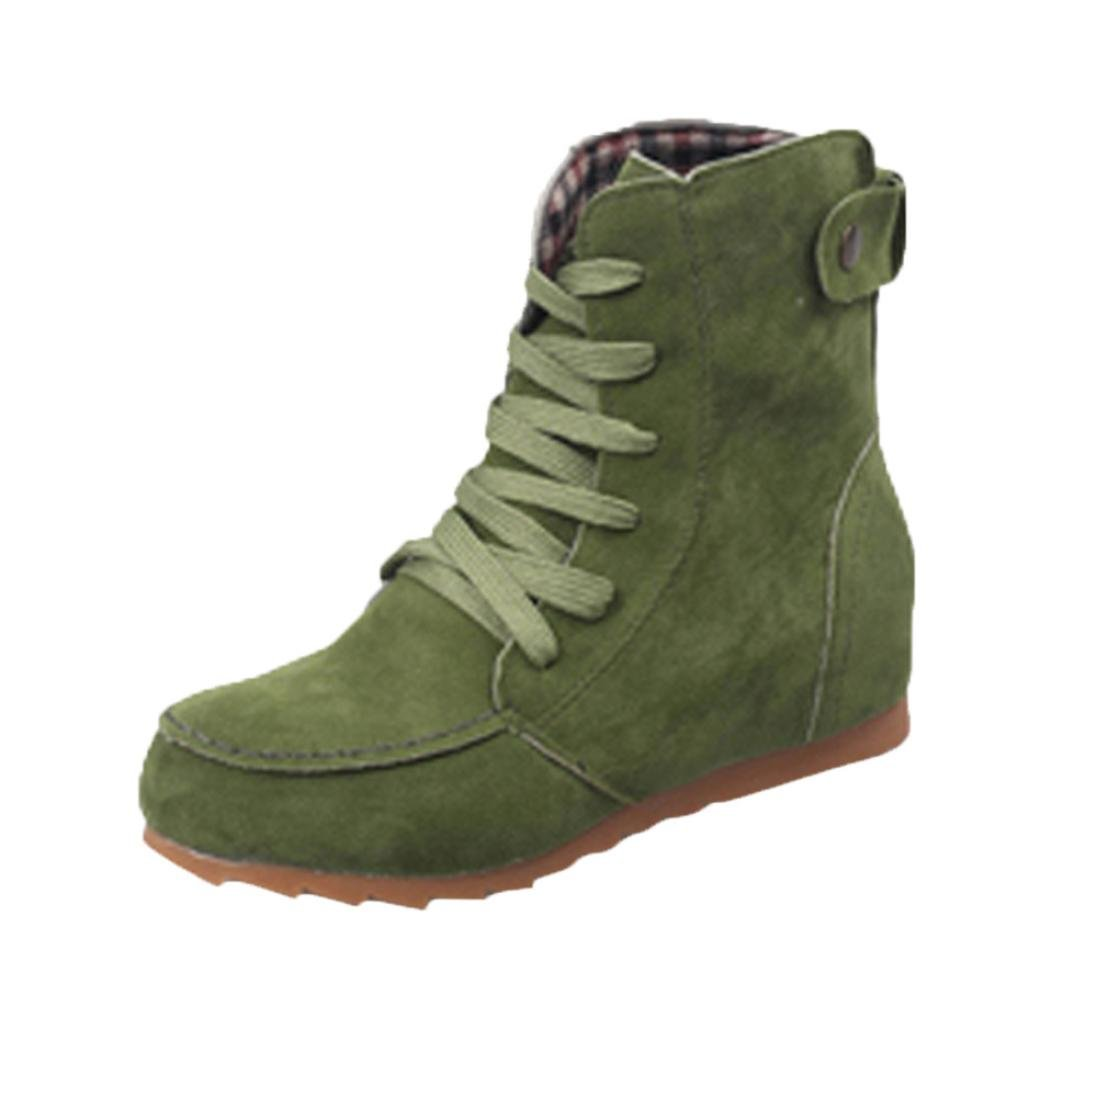 Stiefel Damen Flache Schuhe Sonnena Ankle Boots Frauen Knöchel  Schneemotorrad Stiefel Wildleder Plateau Stiefeletten Klassischer  Schnürschuhe SkidProof ... 3c630cb834